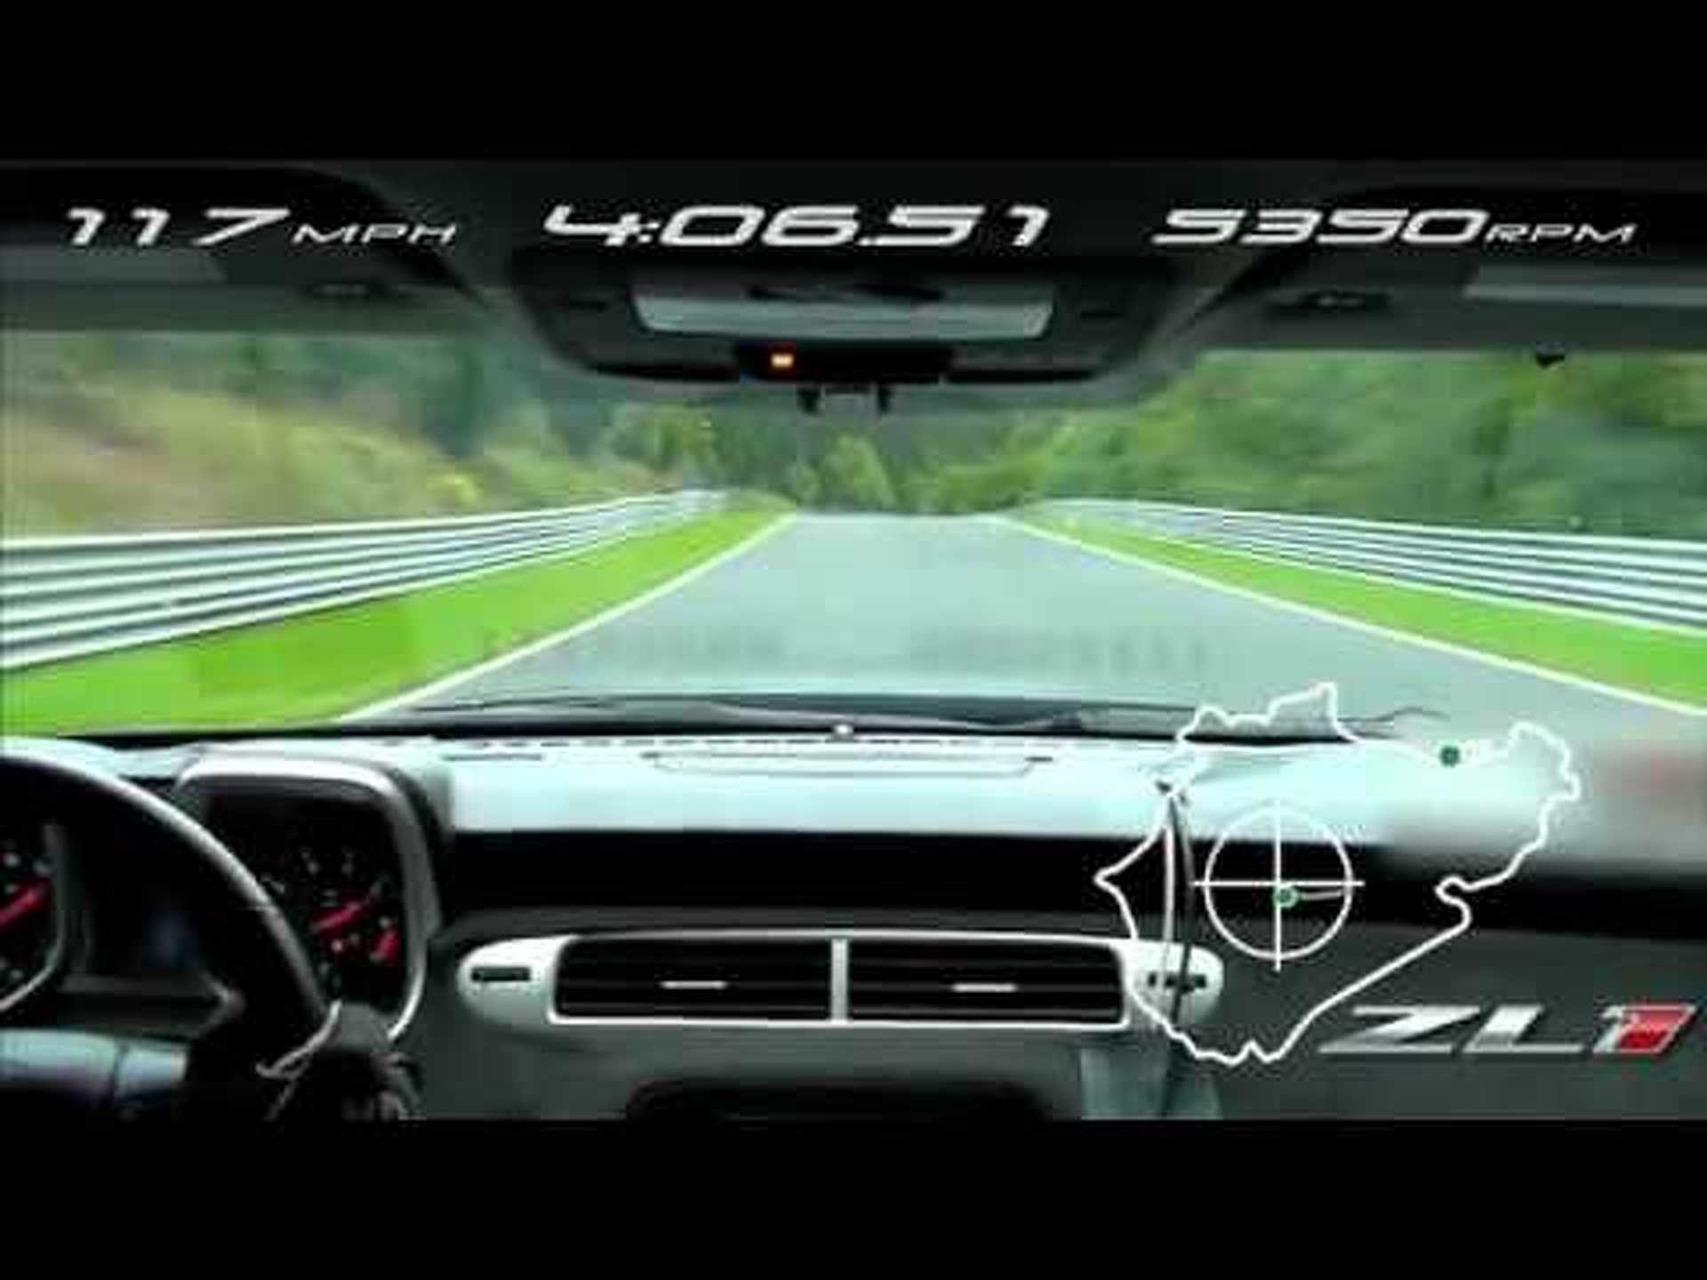 2012 Camaro ZL1 - Nurburgring Track